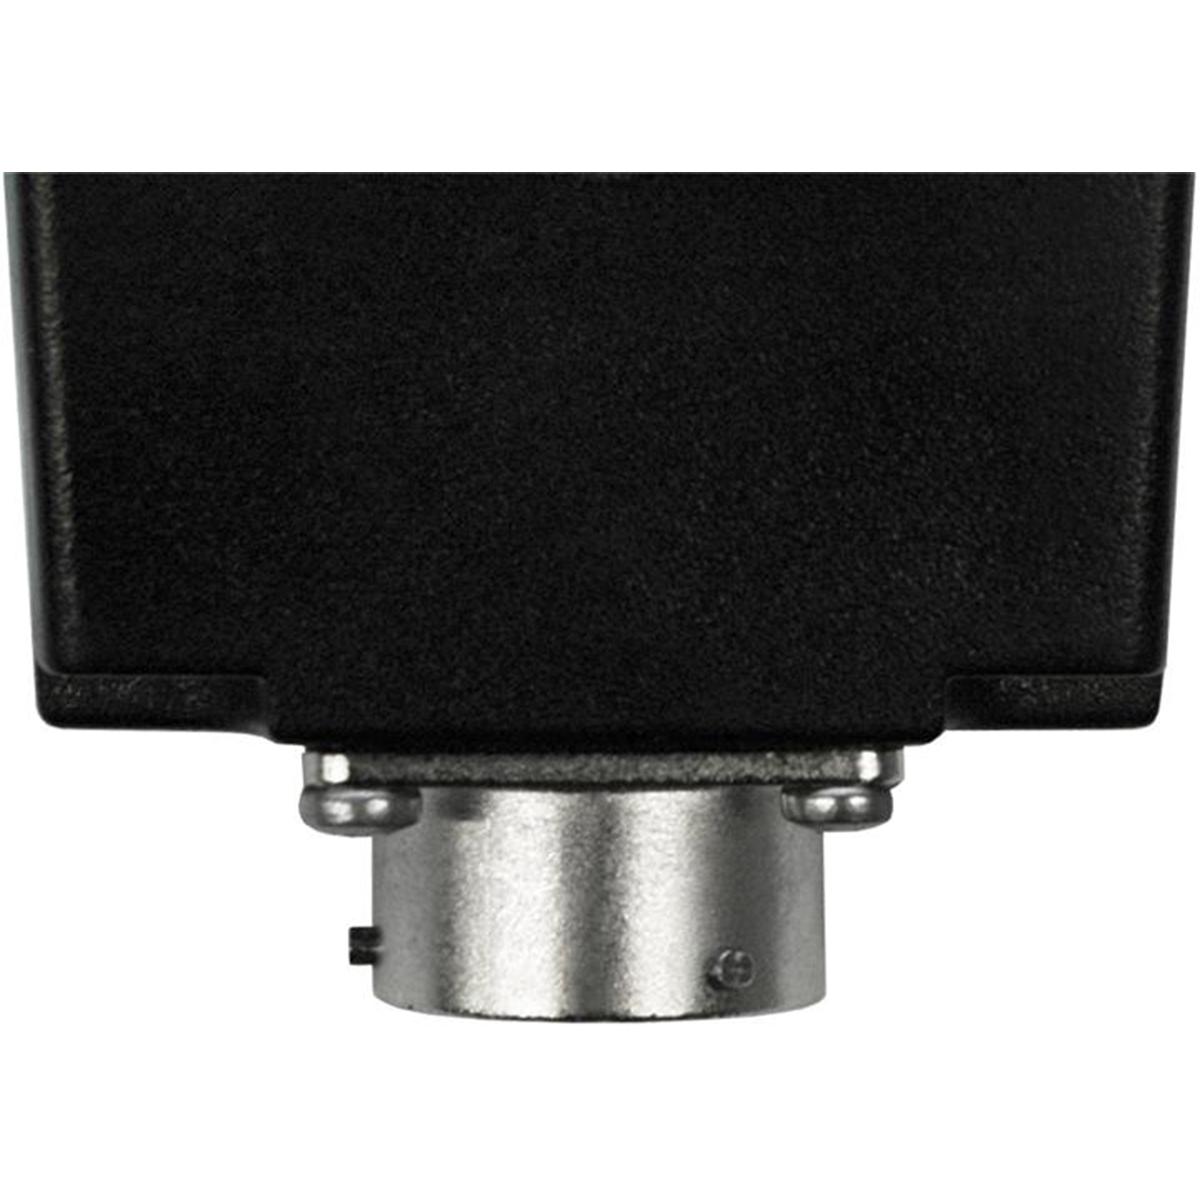 ABB 2TLA020005R1100 Cannon Connector